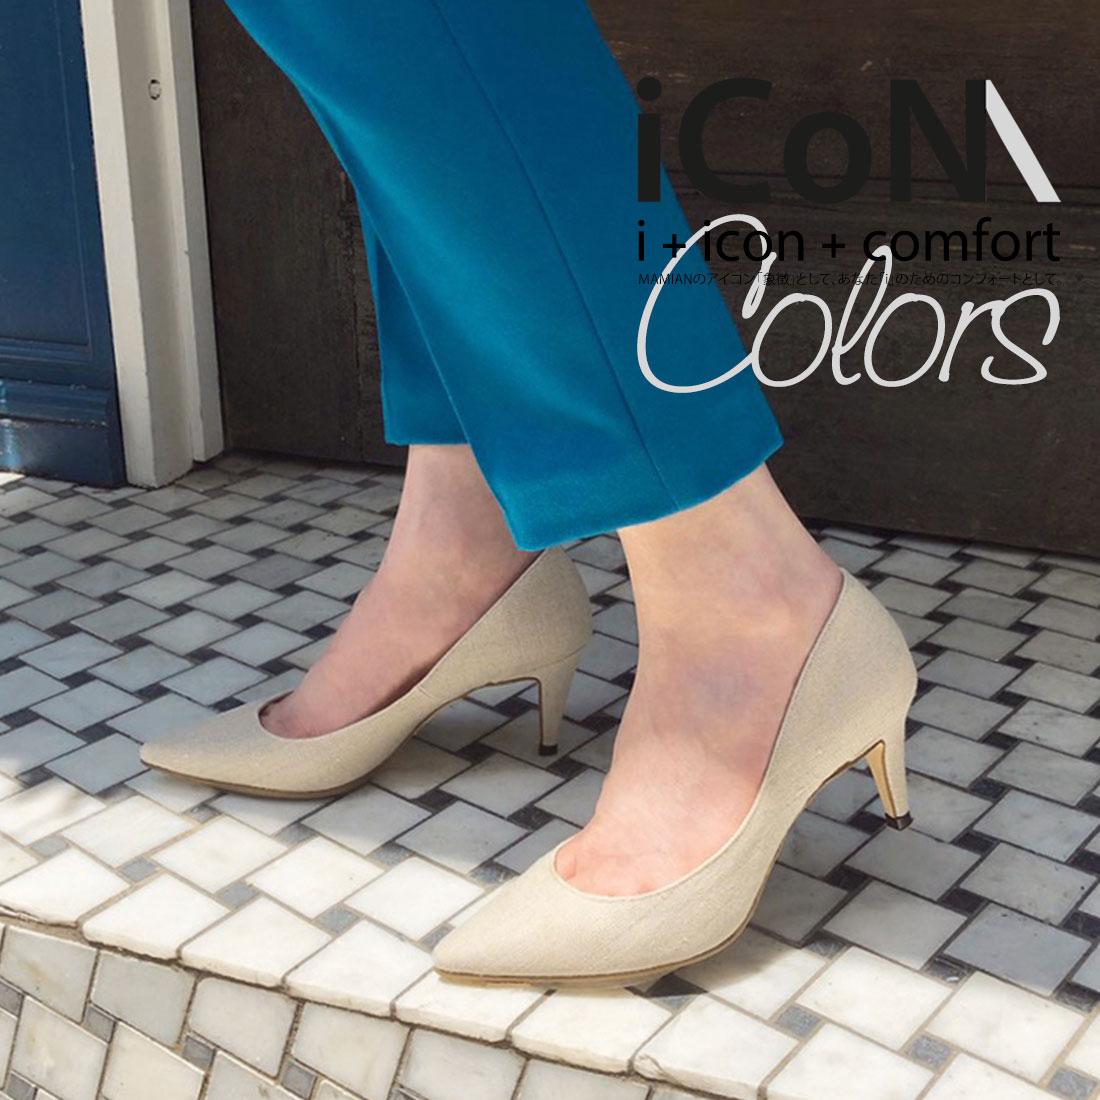 【iCoN】Colors 70P:キナリL(C76535)